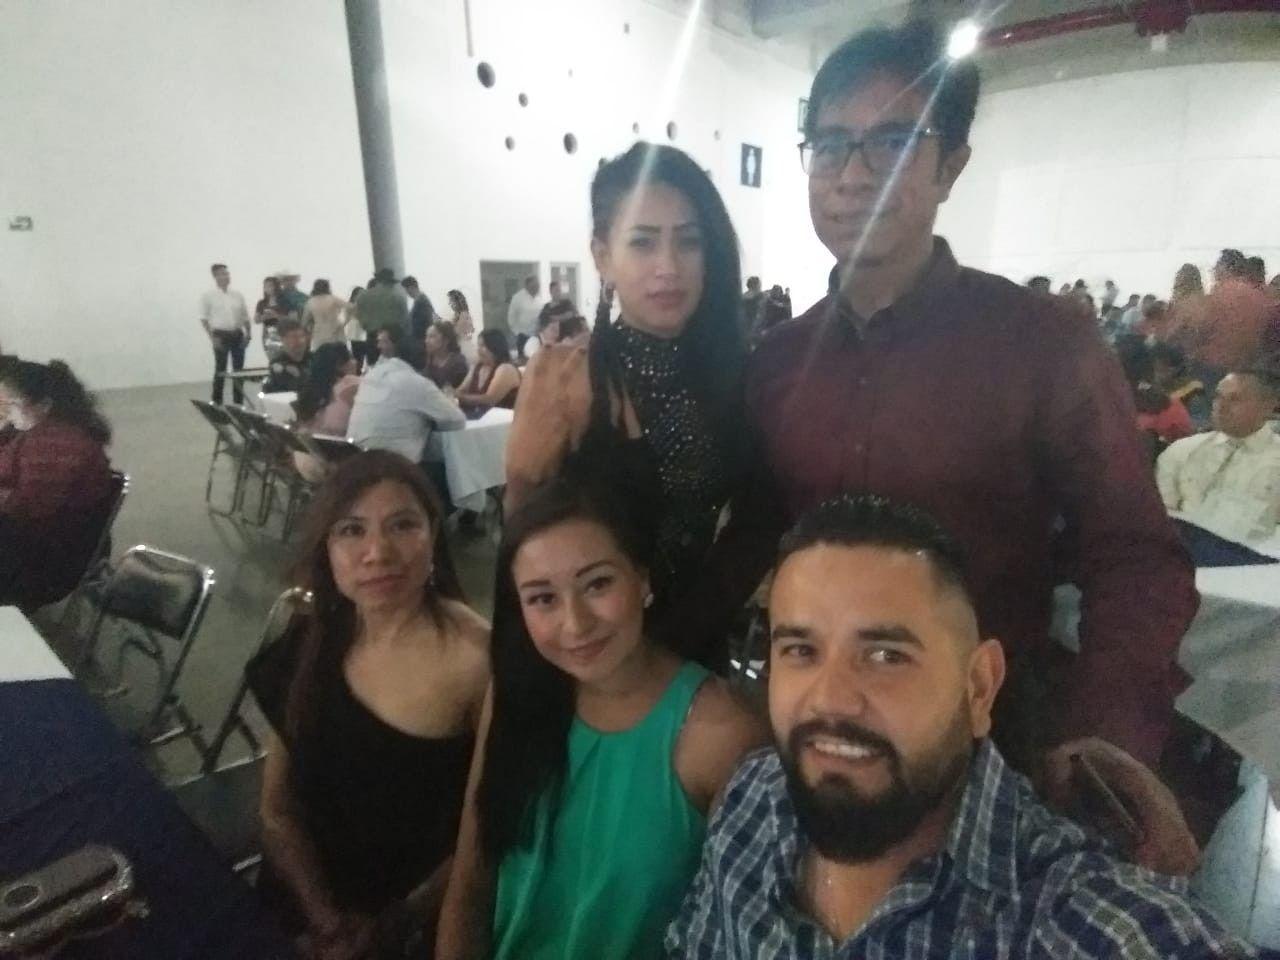 Festejo del día del maestro 2019 con mis amigos ???? #diadelmaestro Festejo del día del maestro 2019 con mis amigos ???? #diadelmaestro